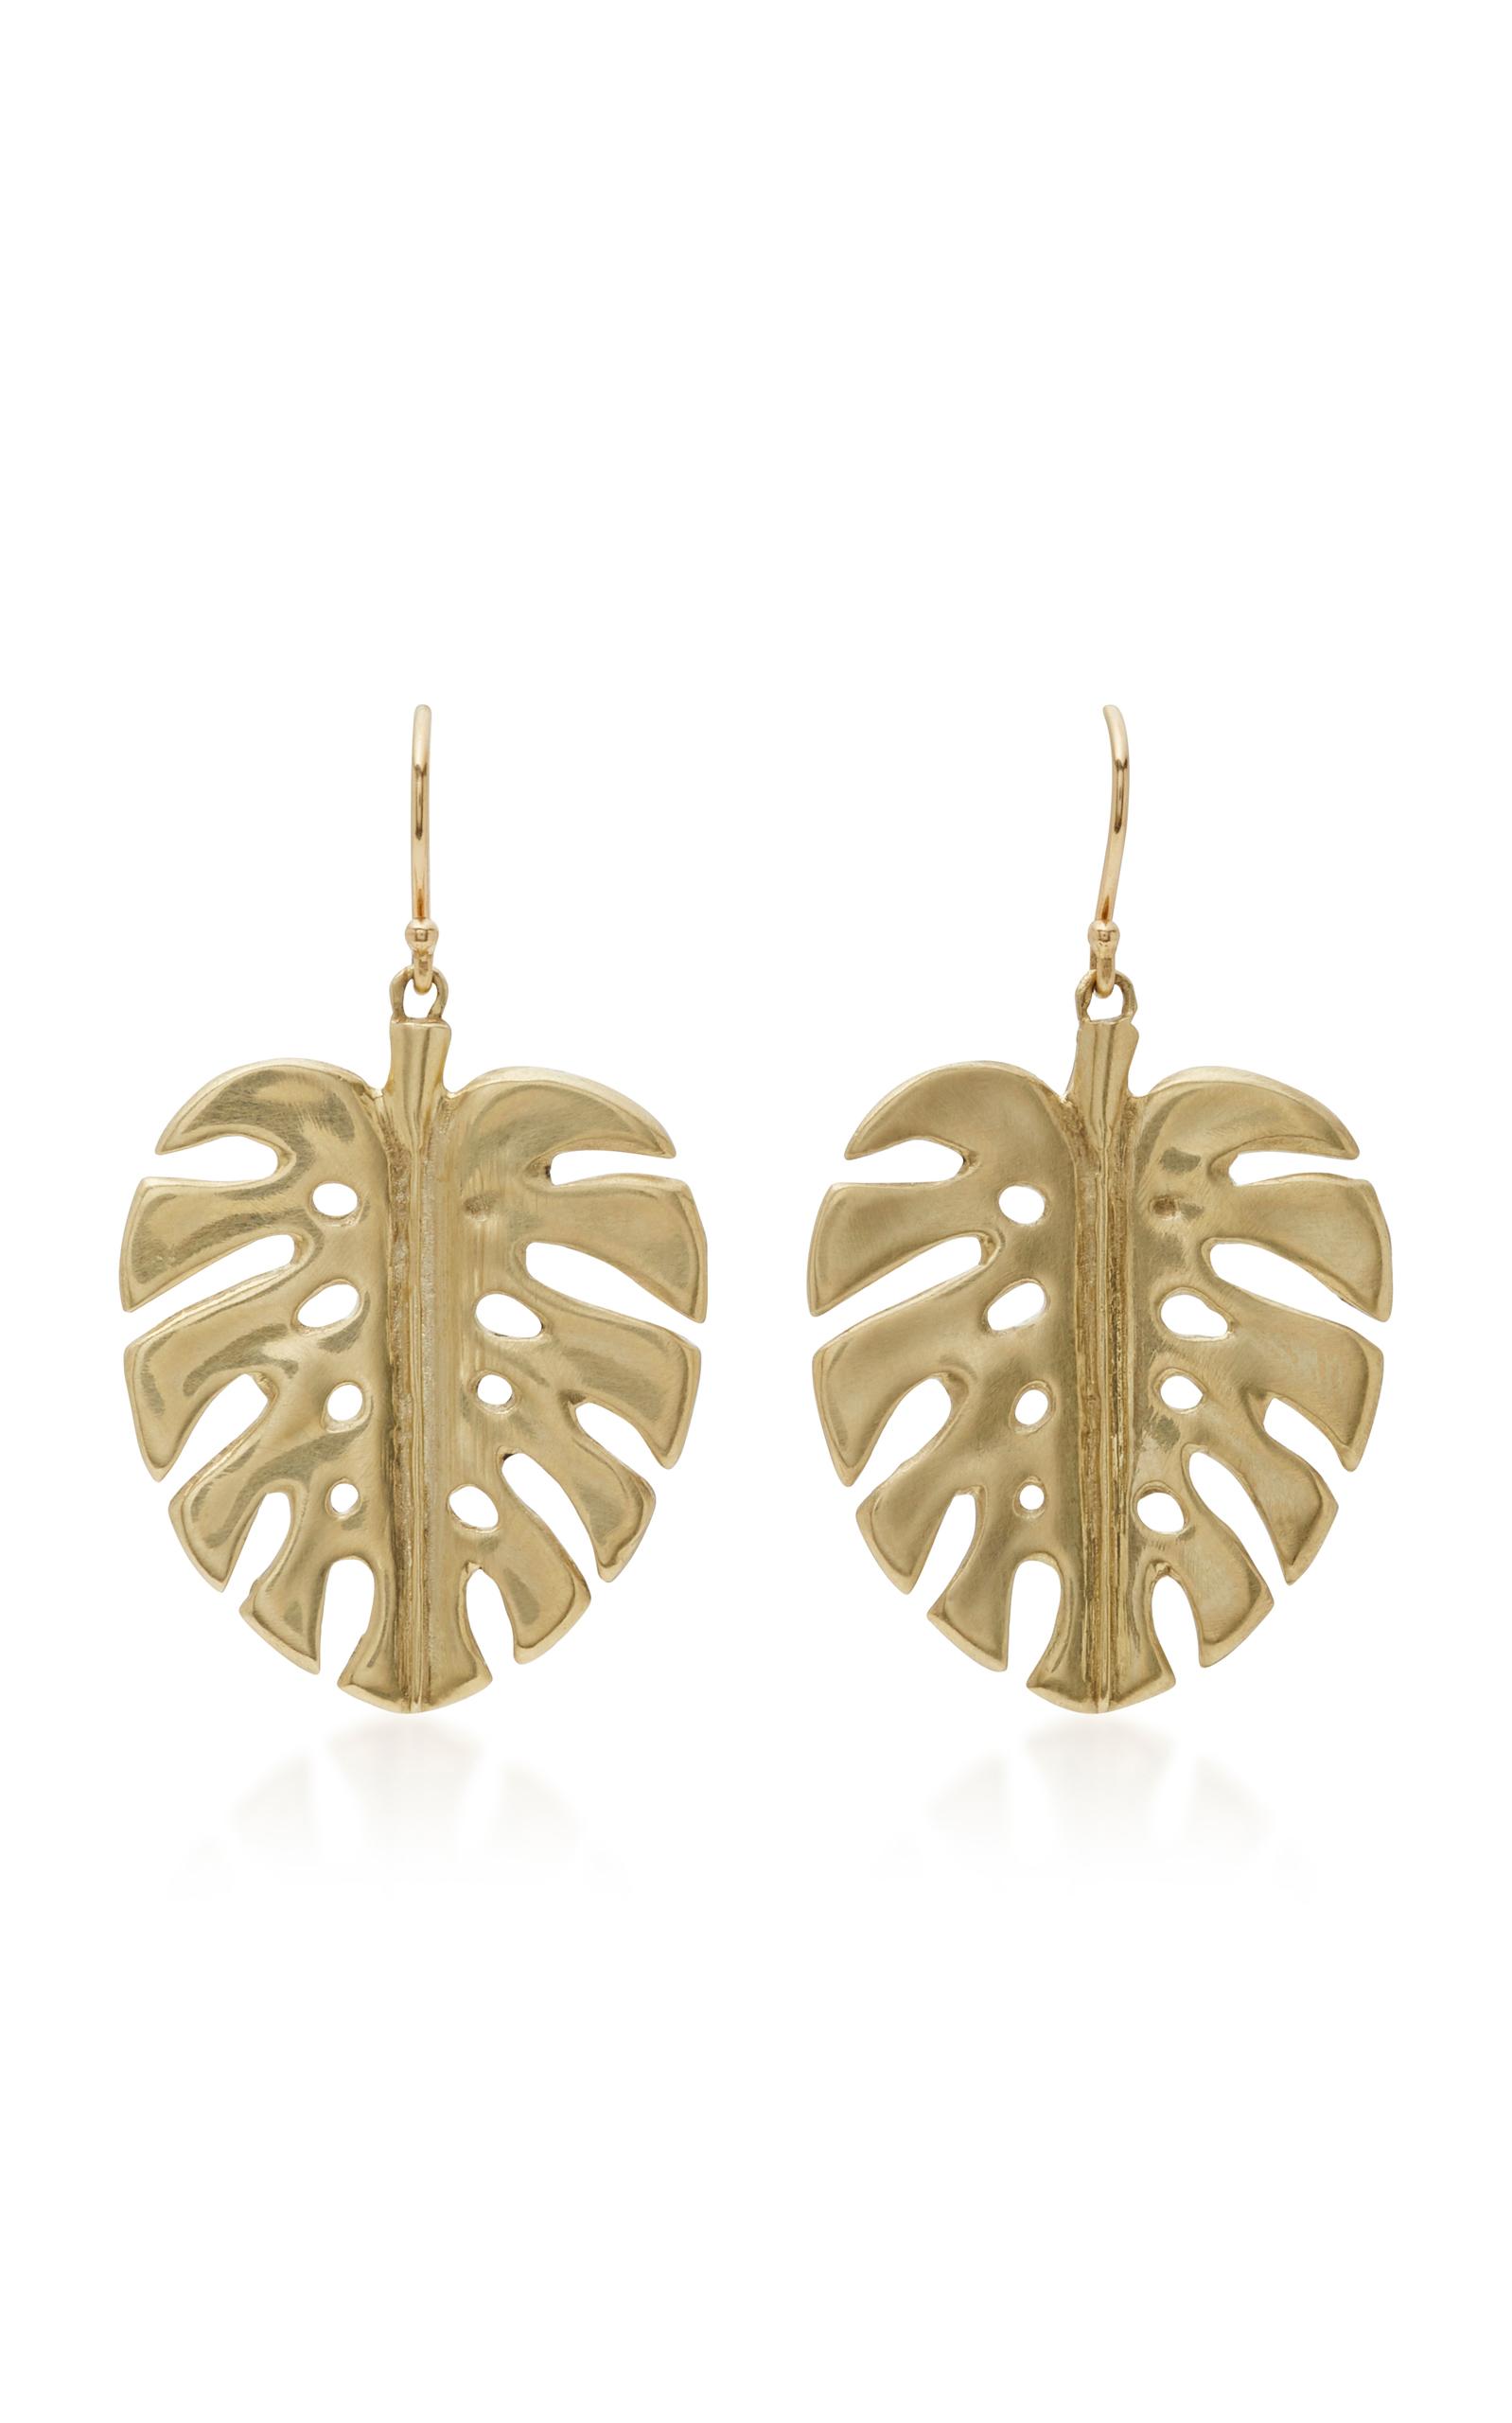 Simons Golden leaf and pearl earrings CVVHG3jcla